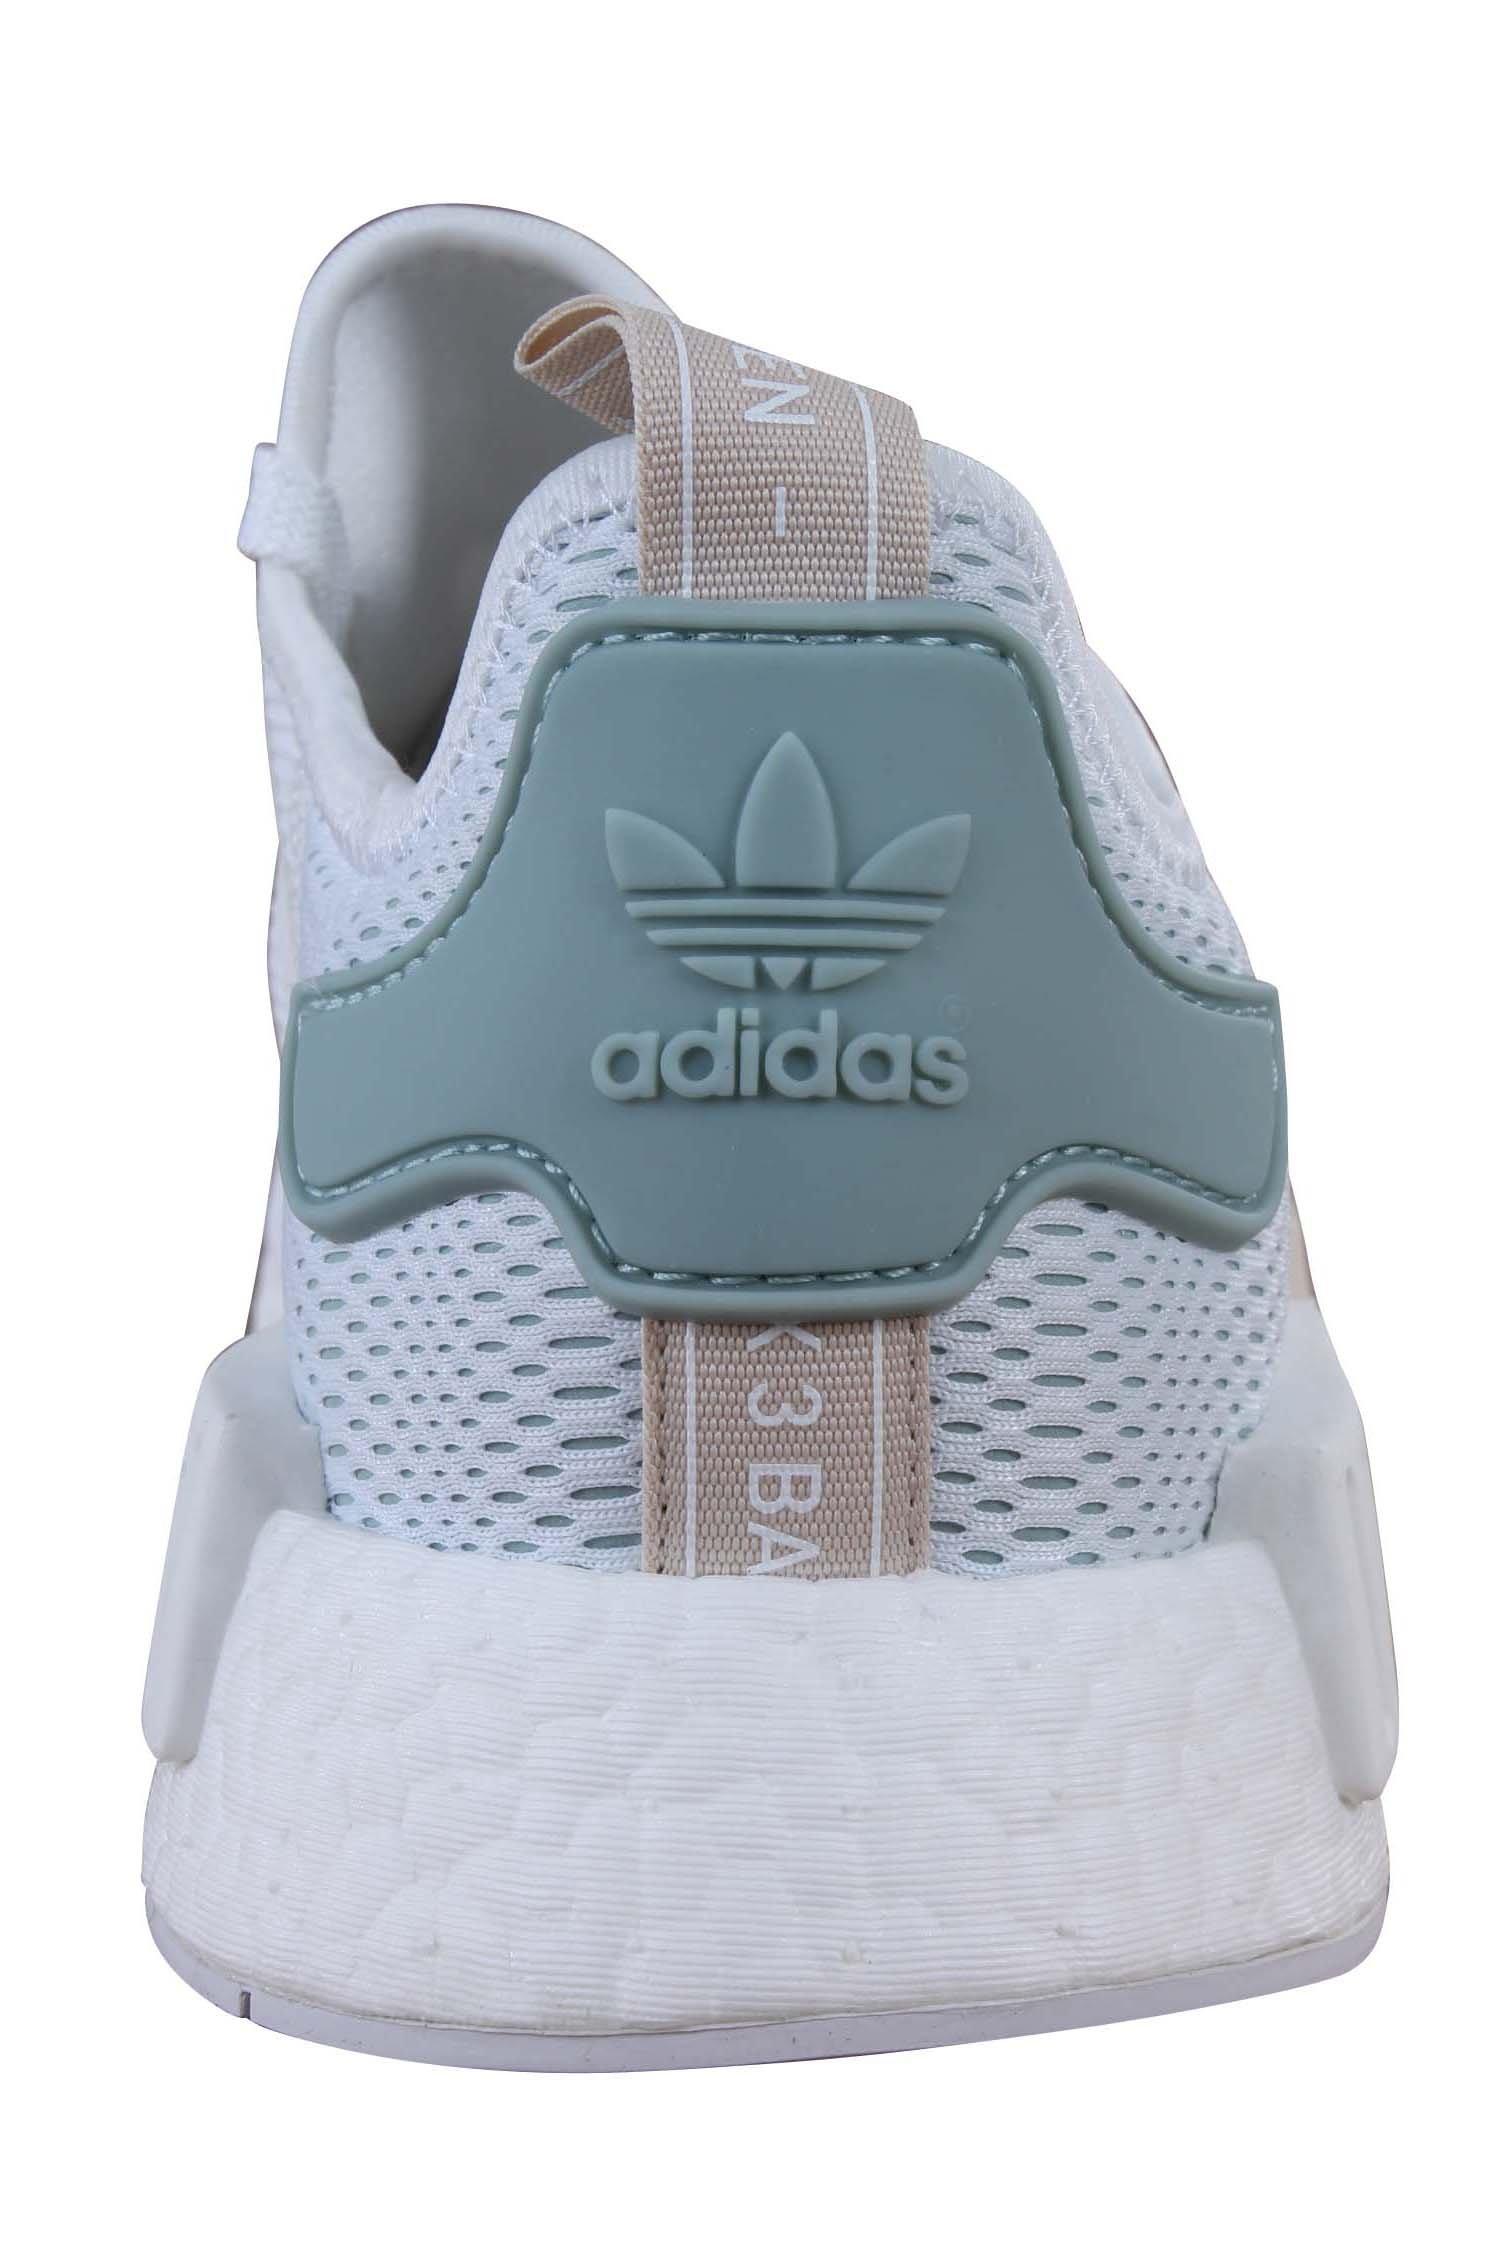 adidasS79162 NMD R1 W Herren, Weiá weiß , 41 M EU: Amazon